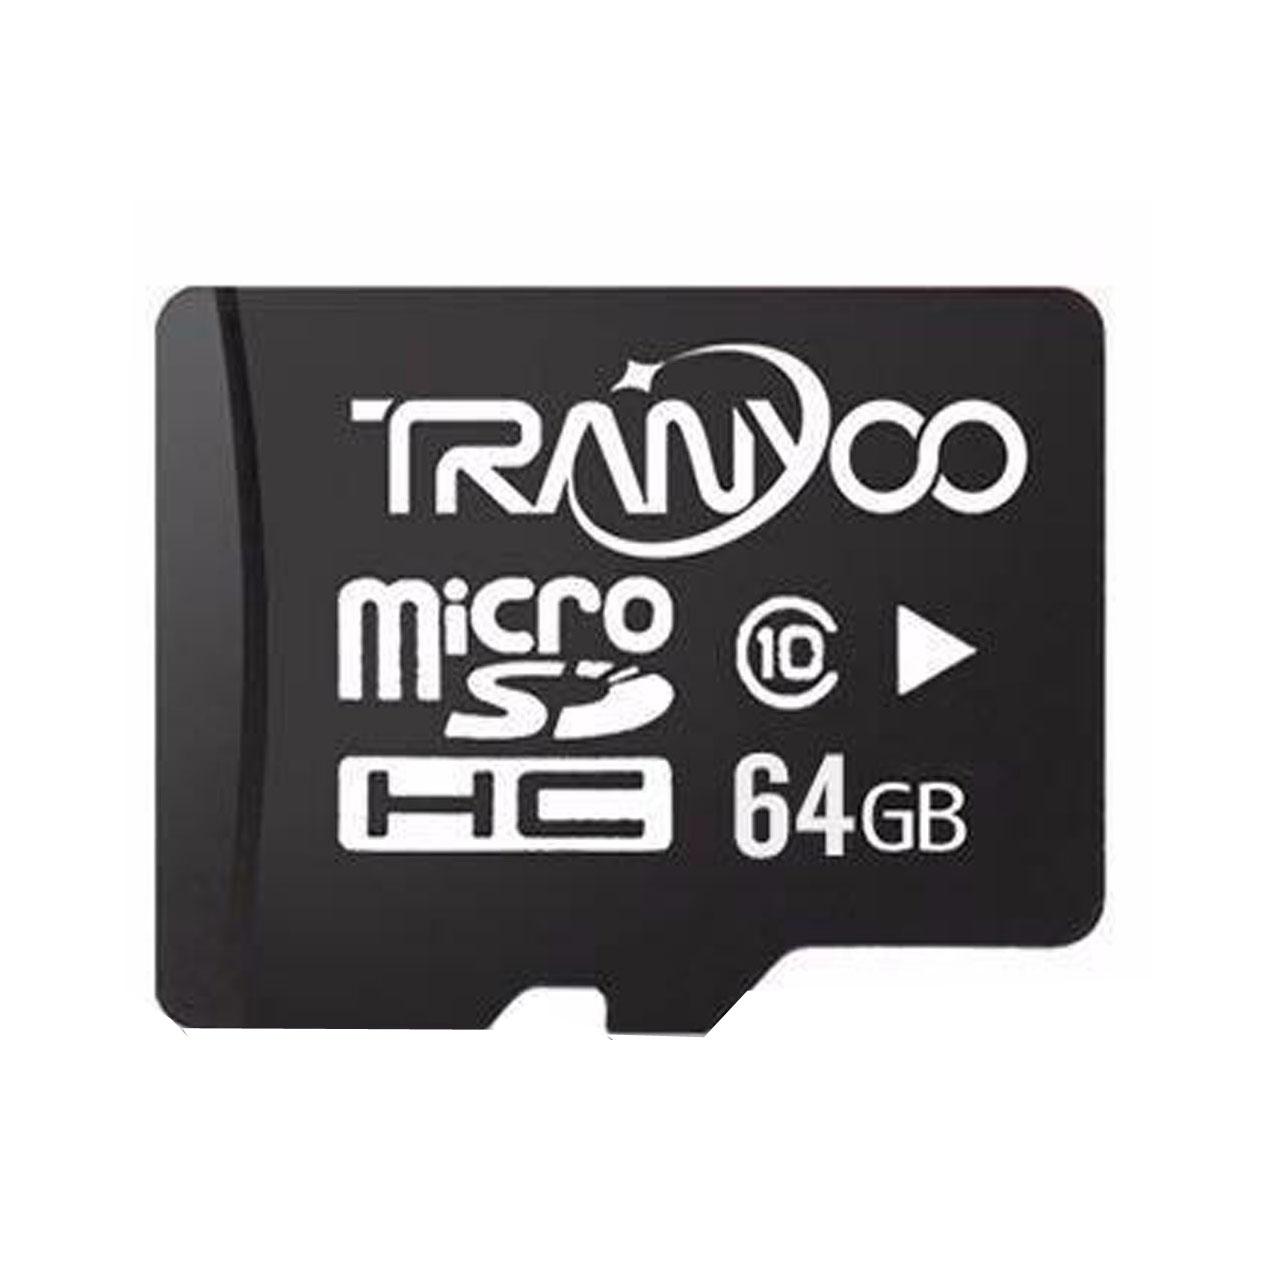 کارت حافظه microSDHC ترانیو مدل LSPEED کلاس 10 استاندارد UHC-I U1 سرعت 30Mbs ظرفیت 64 گیگابایت